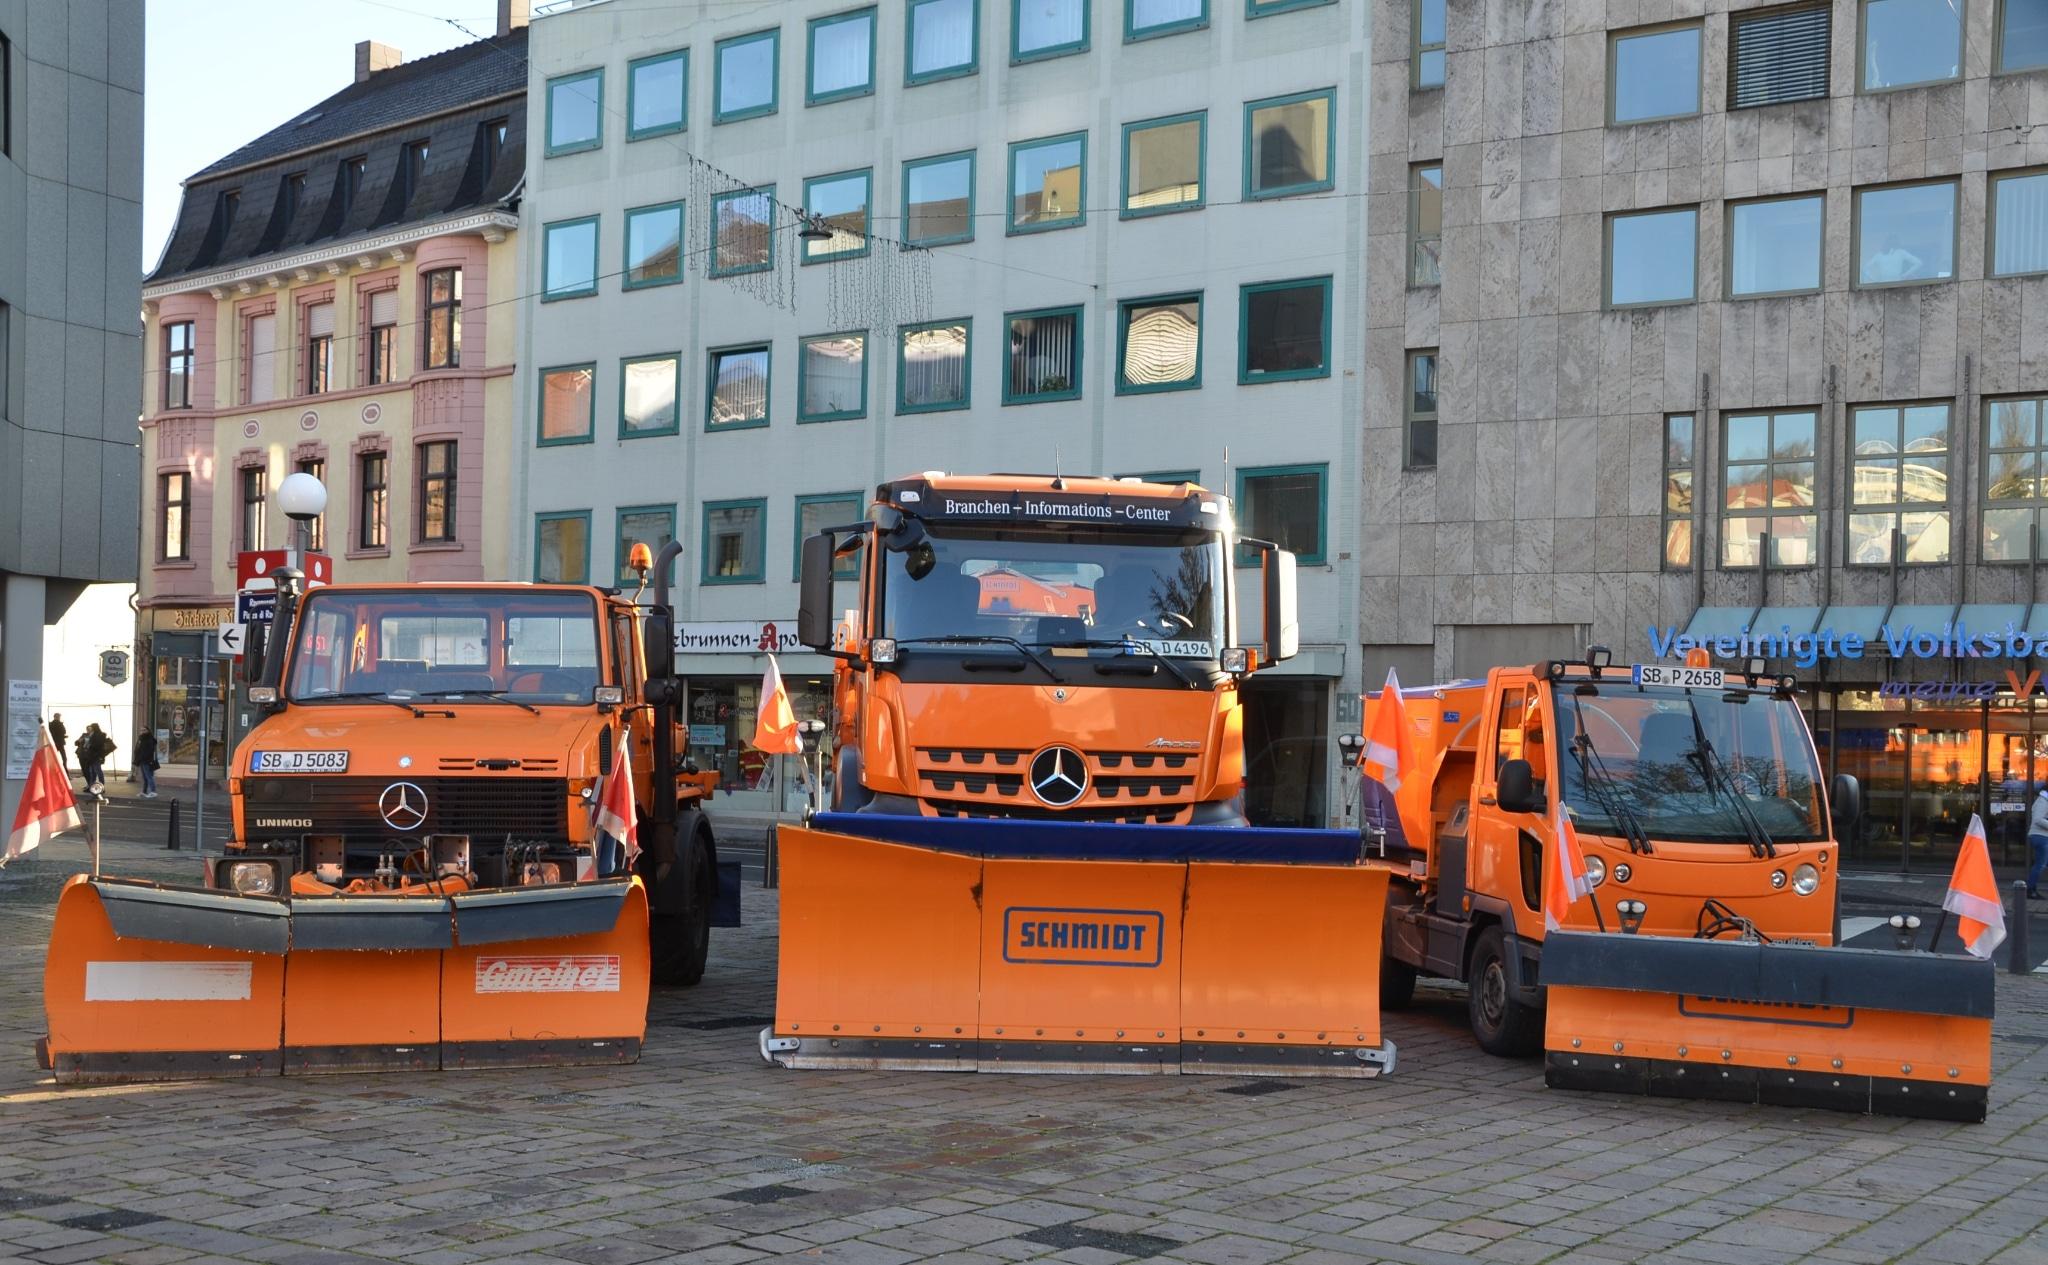 Streufahrzeuge Sulzbach